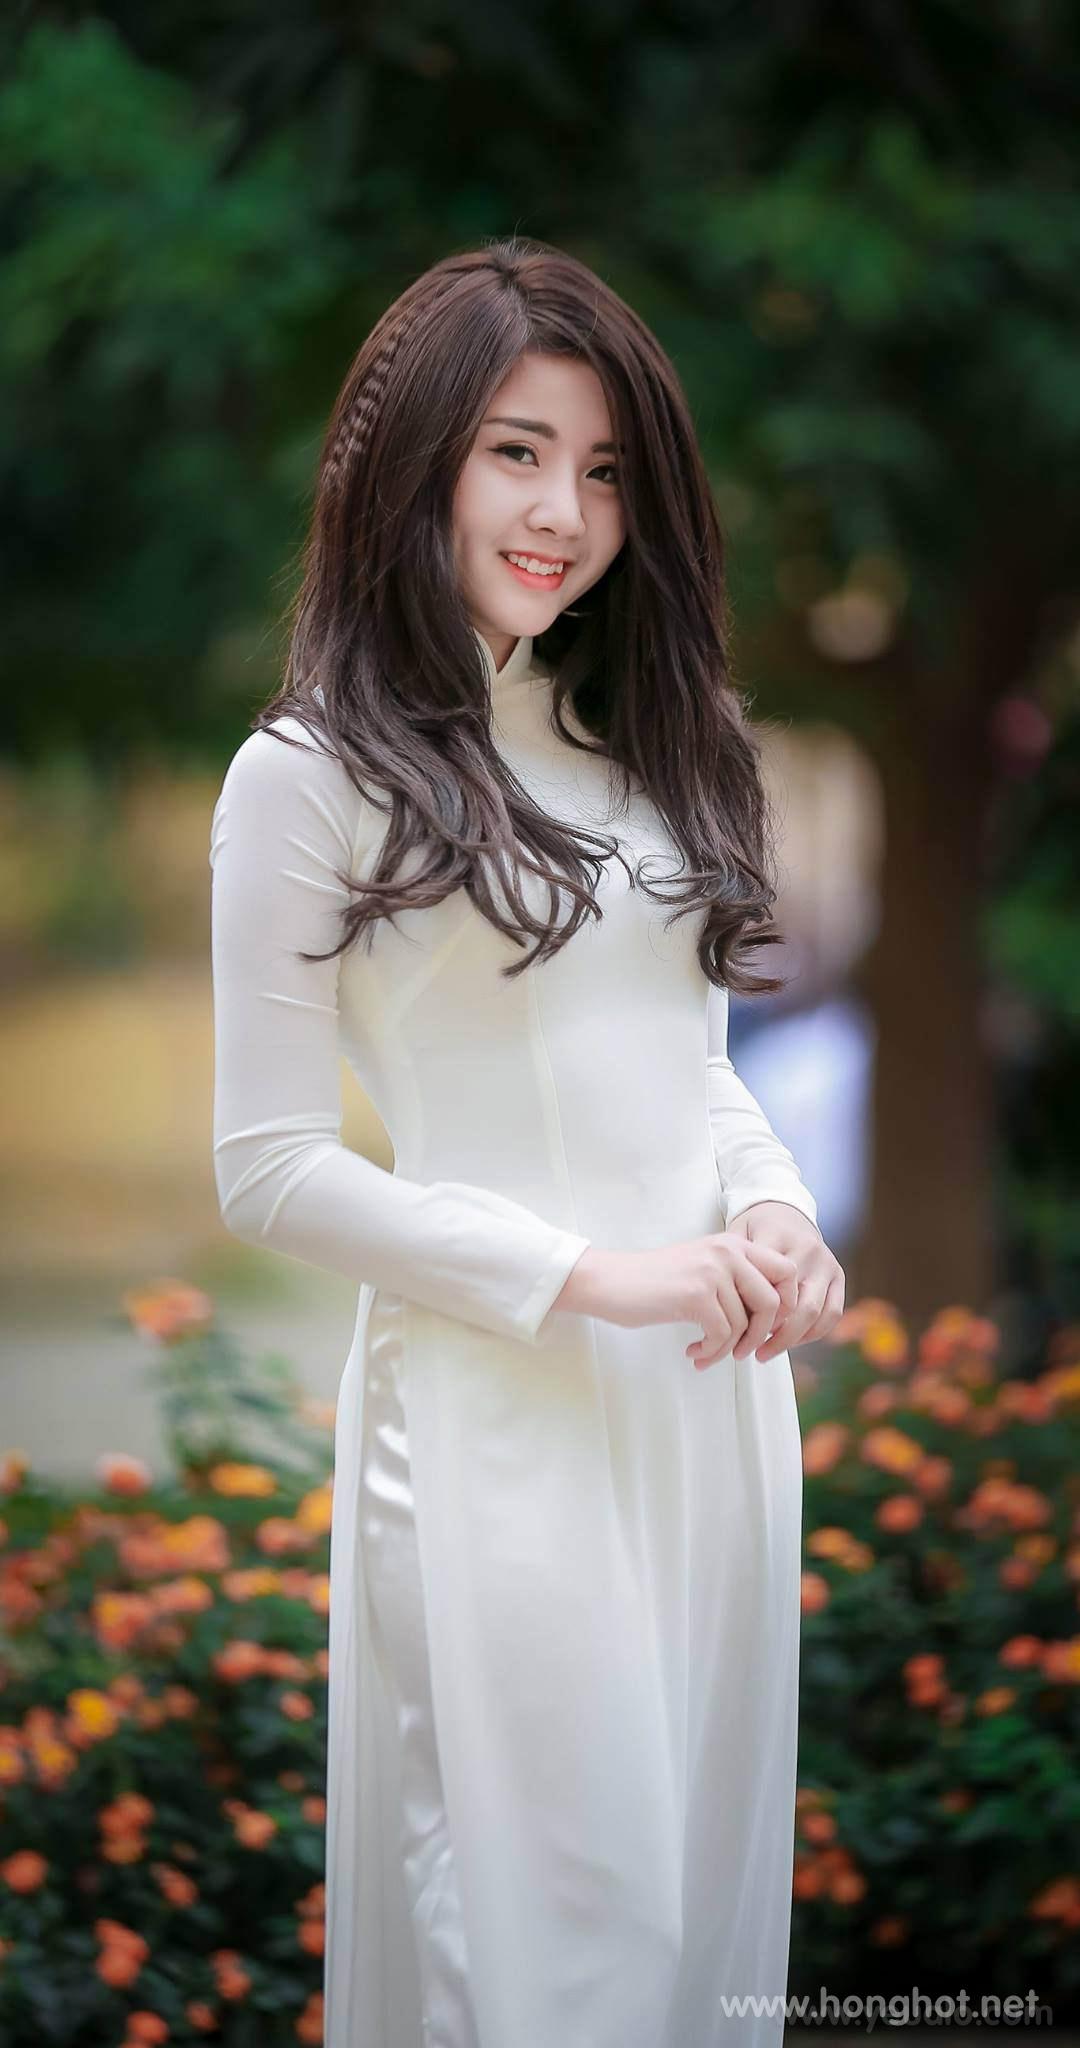 Hình nền girl xinh mặc áo dài đẹp cho điện thoại 1